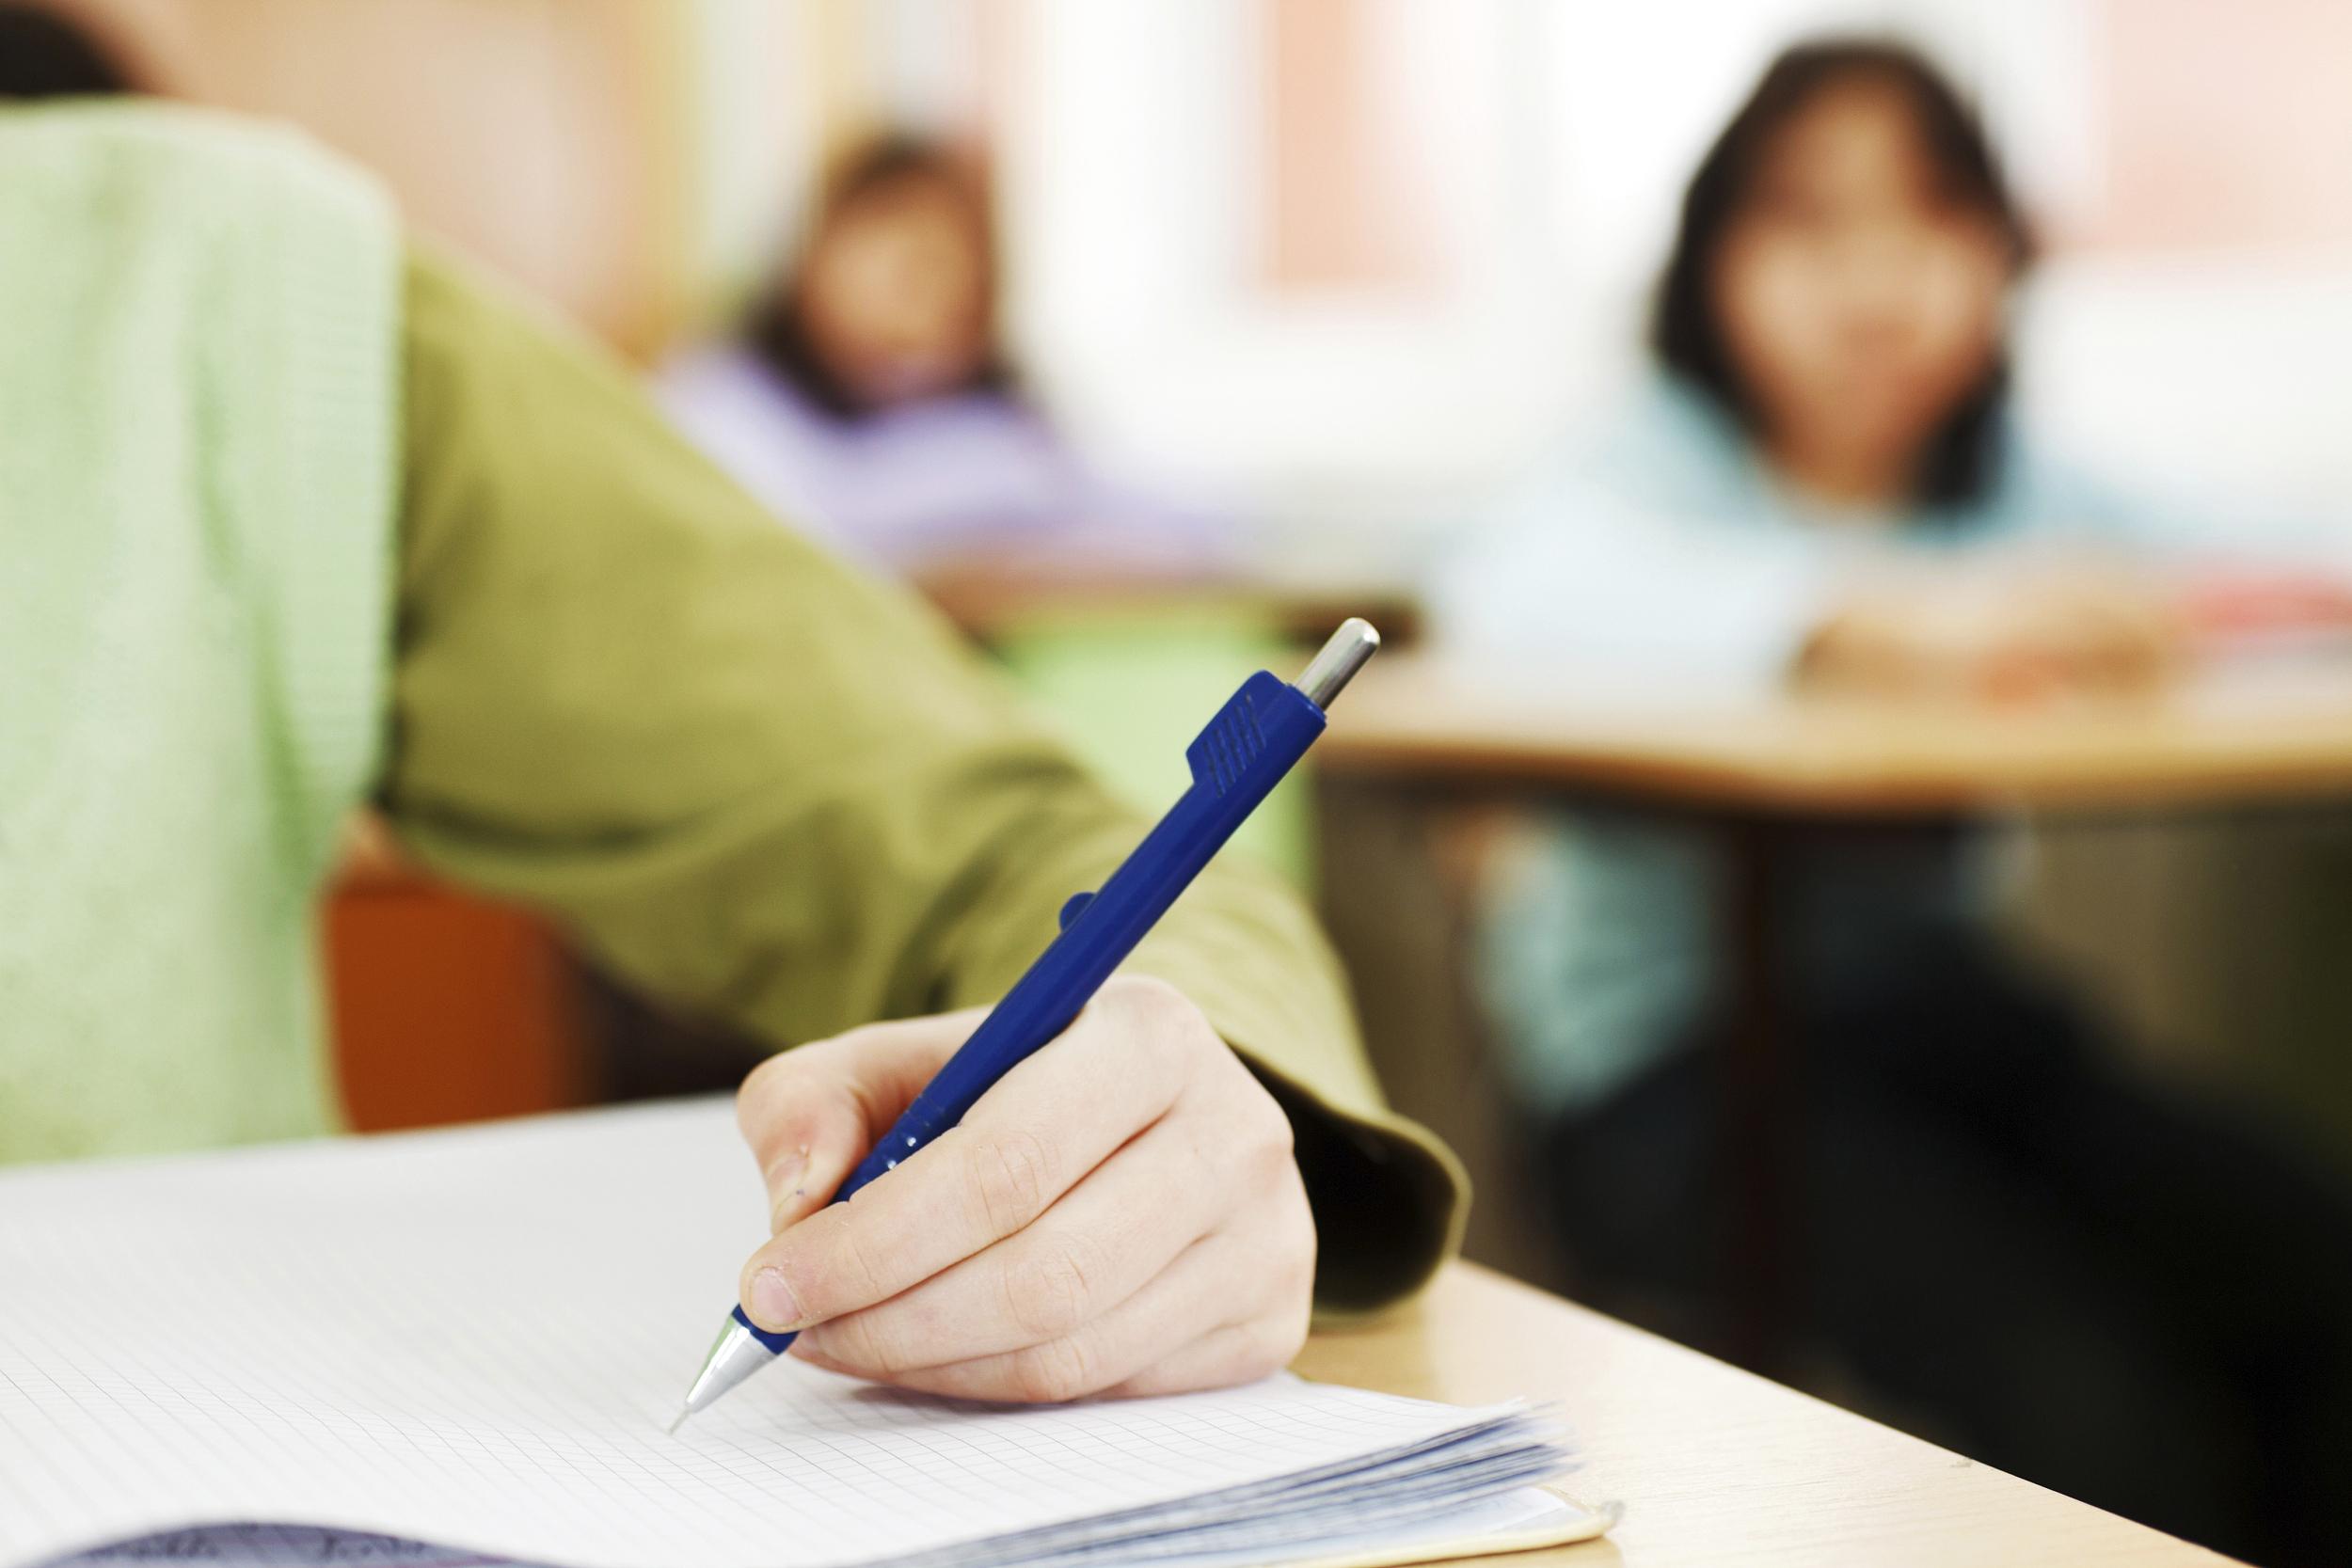 教育部:2021年继续实施重点高校招生专项计划,考生提供虚假信息将被取消高考资格